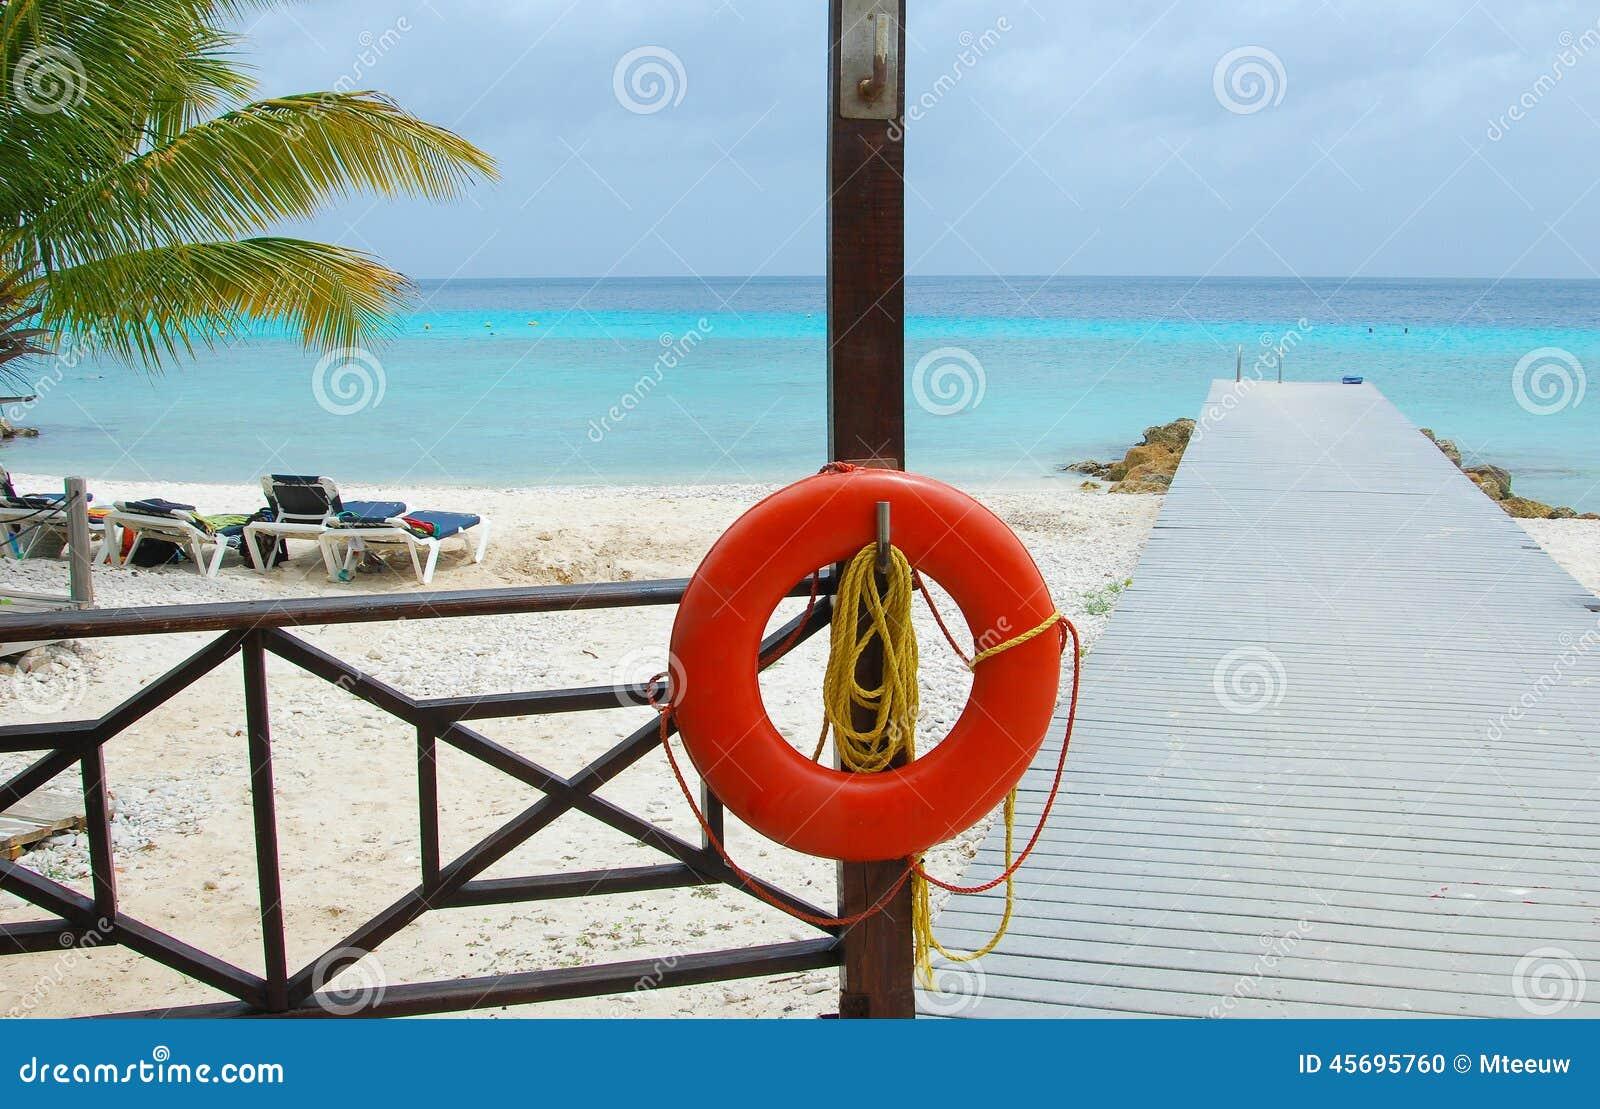 Bouée de sauvetage de plage